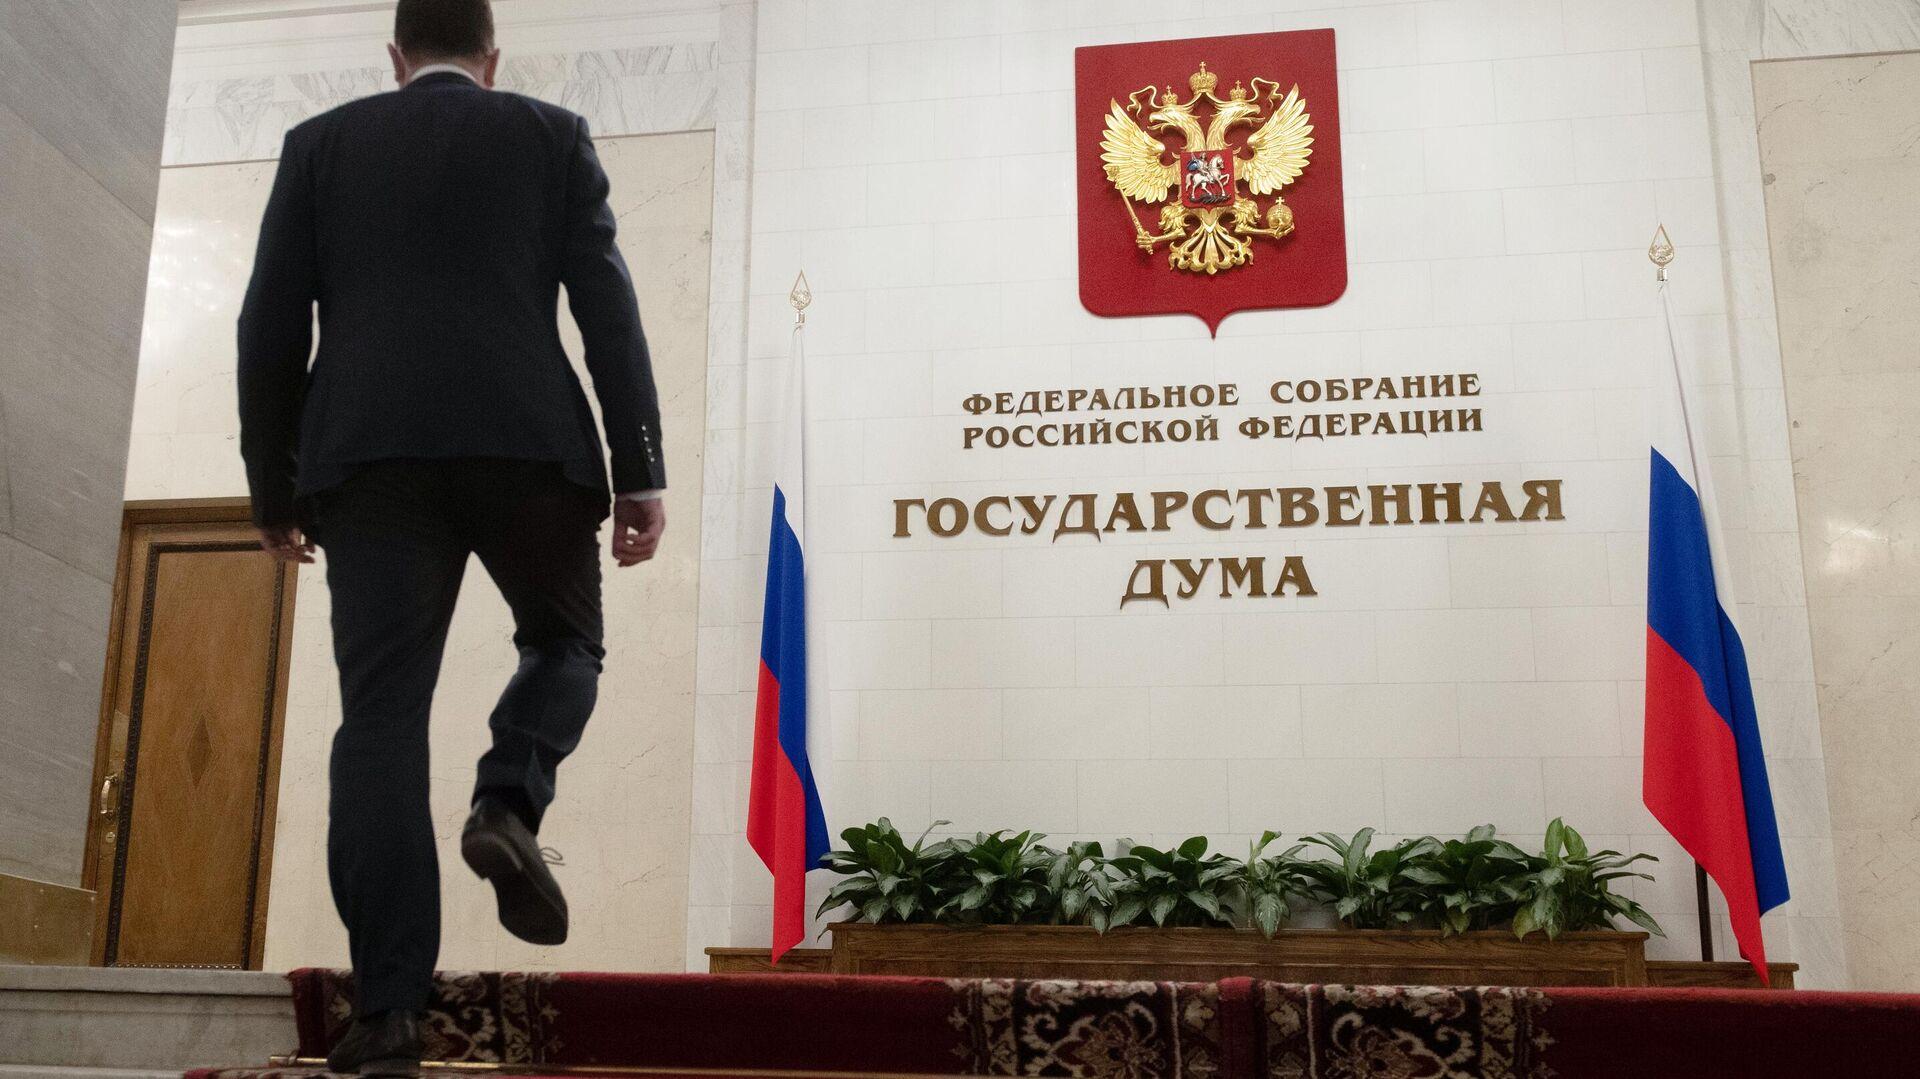 Лавров, Шойгу, Шмелева и Проценко не приняли мандаты Госдумы